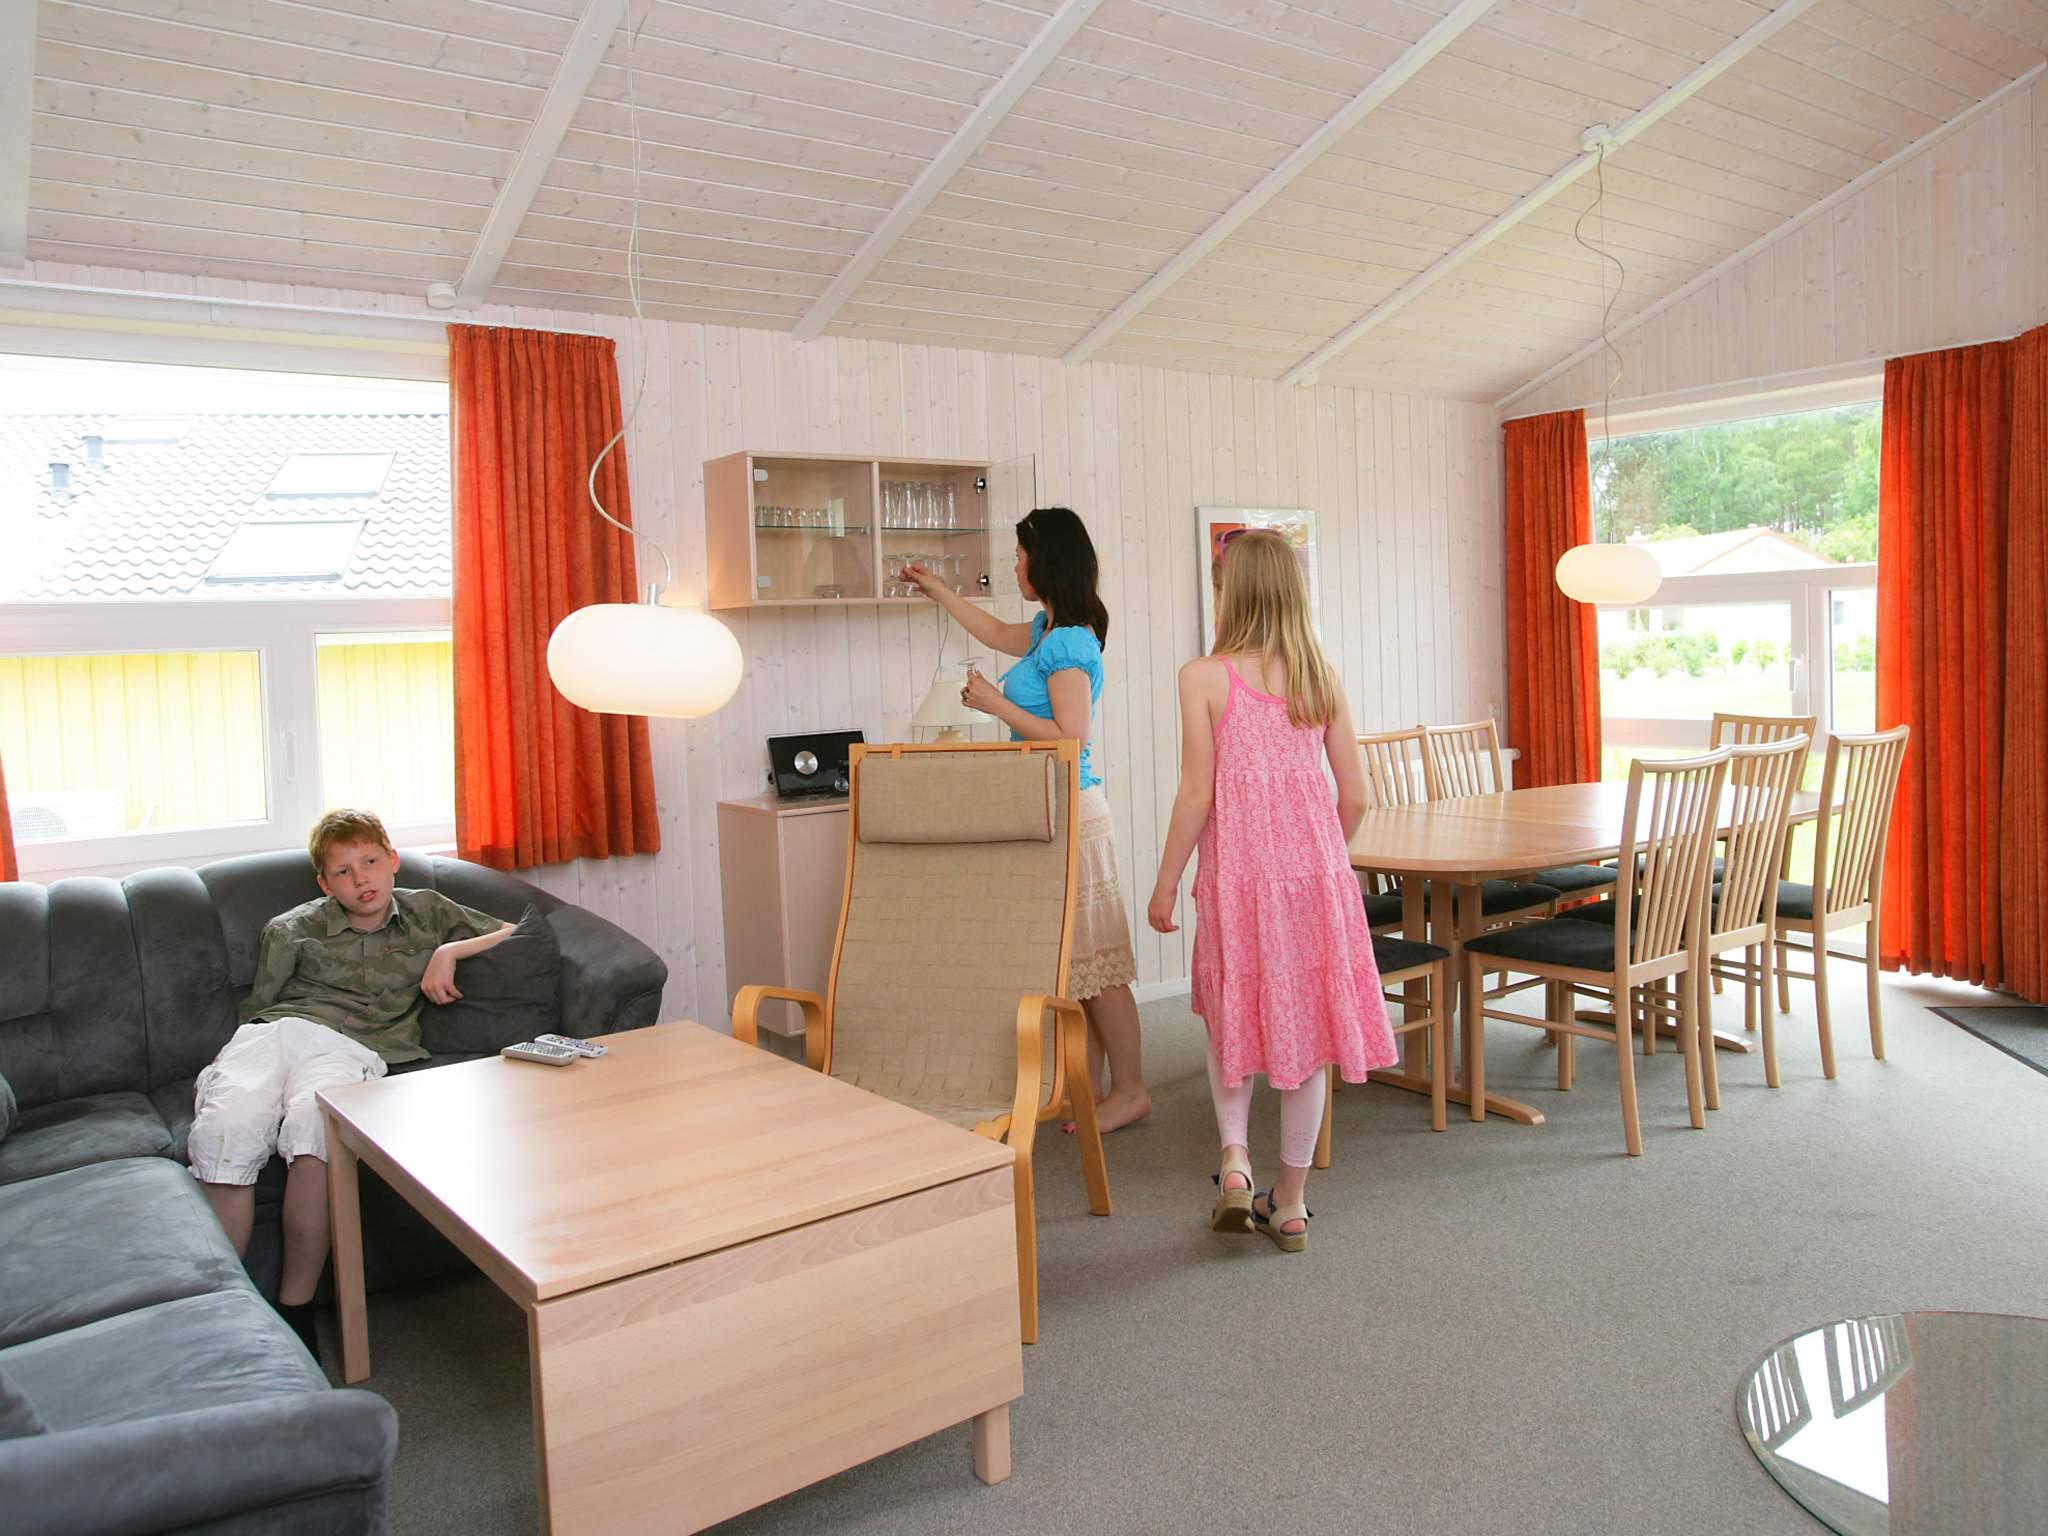 Maison de vacances Grömitz (361024), Grömitz, Baie de Lübeck, Schleswig-Holstein, Allemagne, image 4